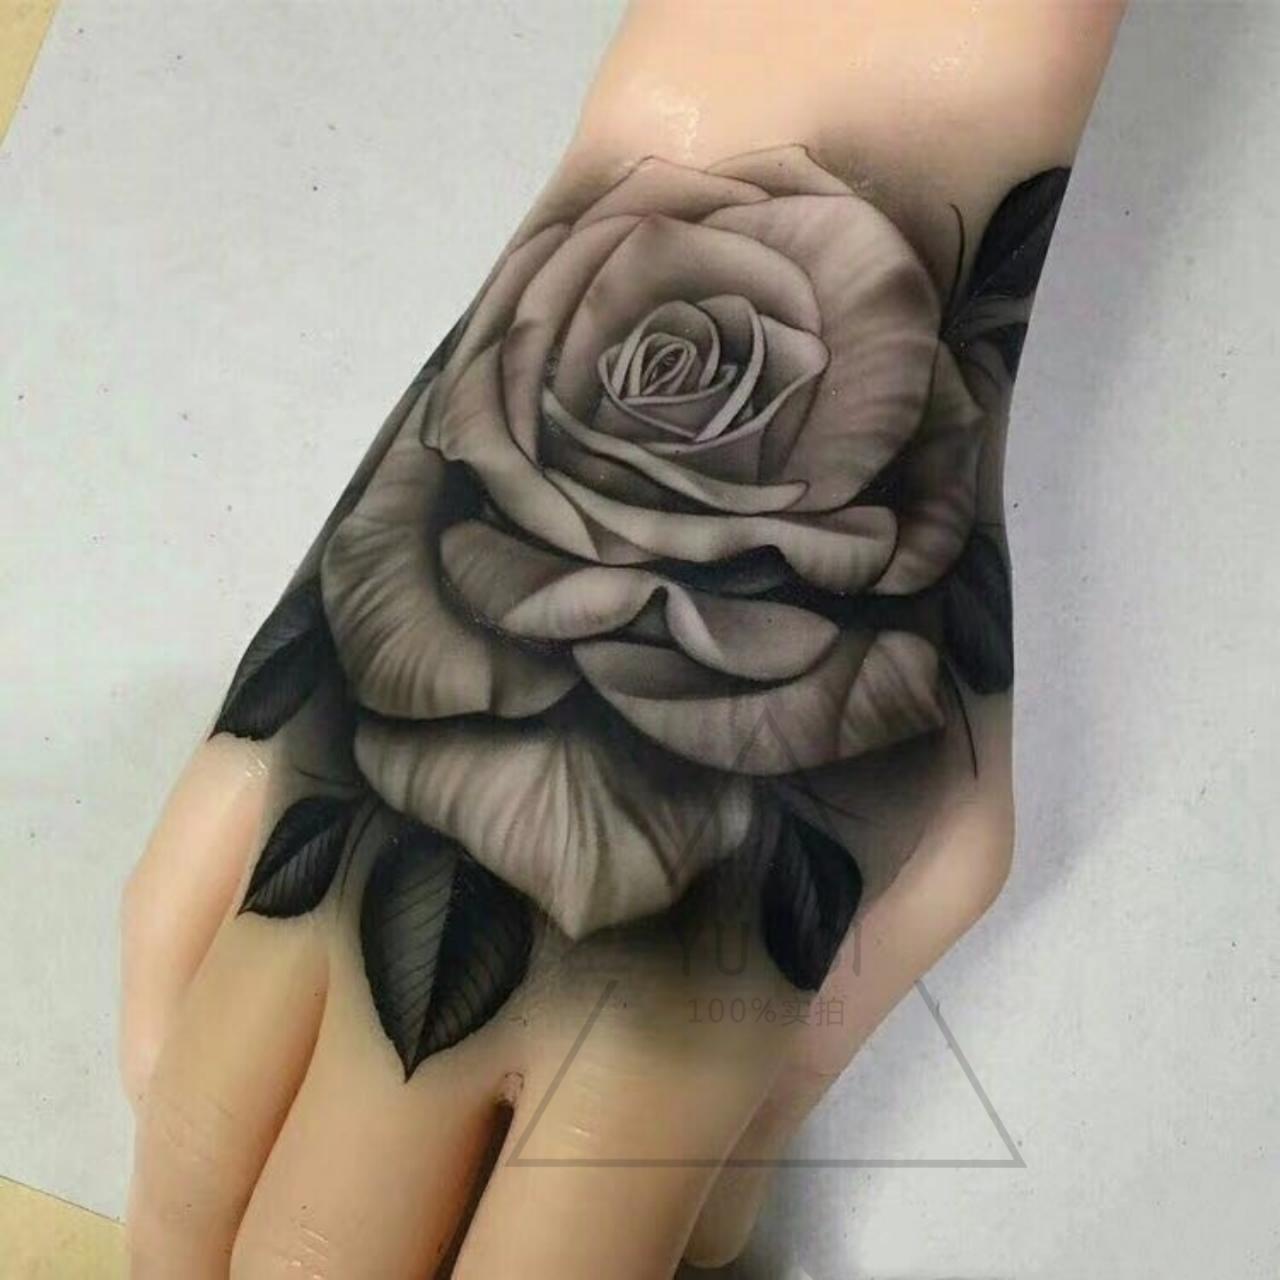 手背手指黑色玫瑰钻石十字架仿真防水持久男女欧美风纹身贴